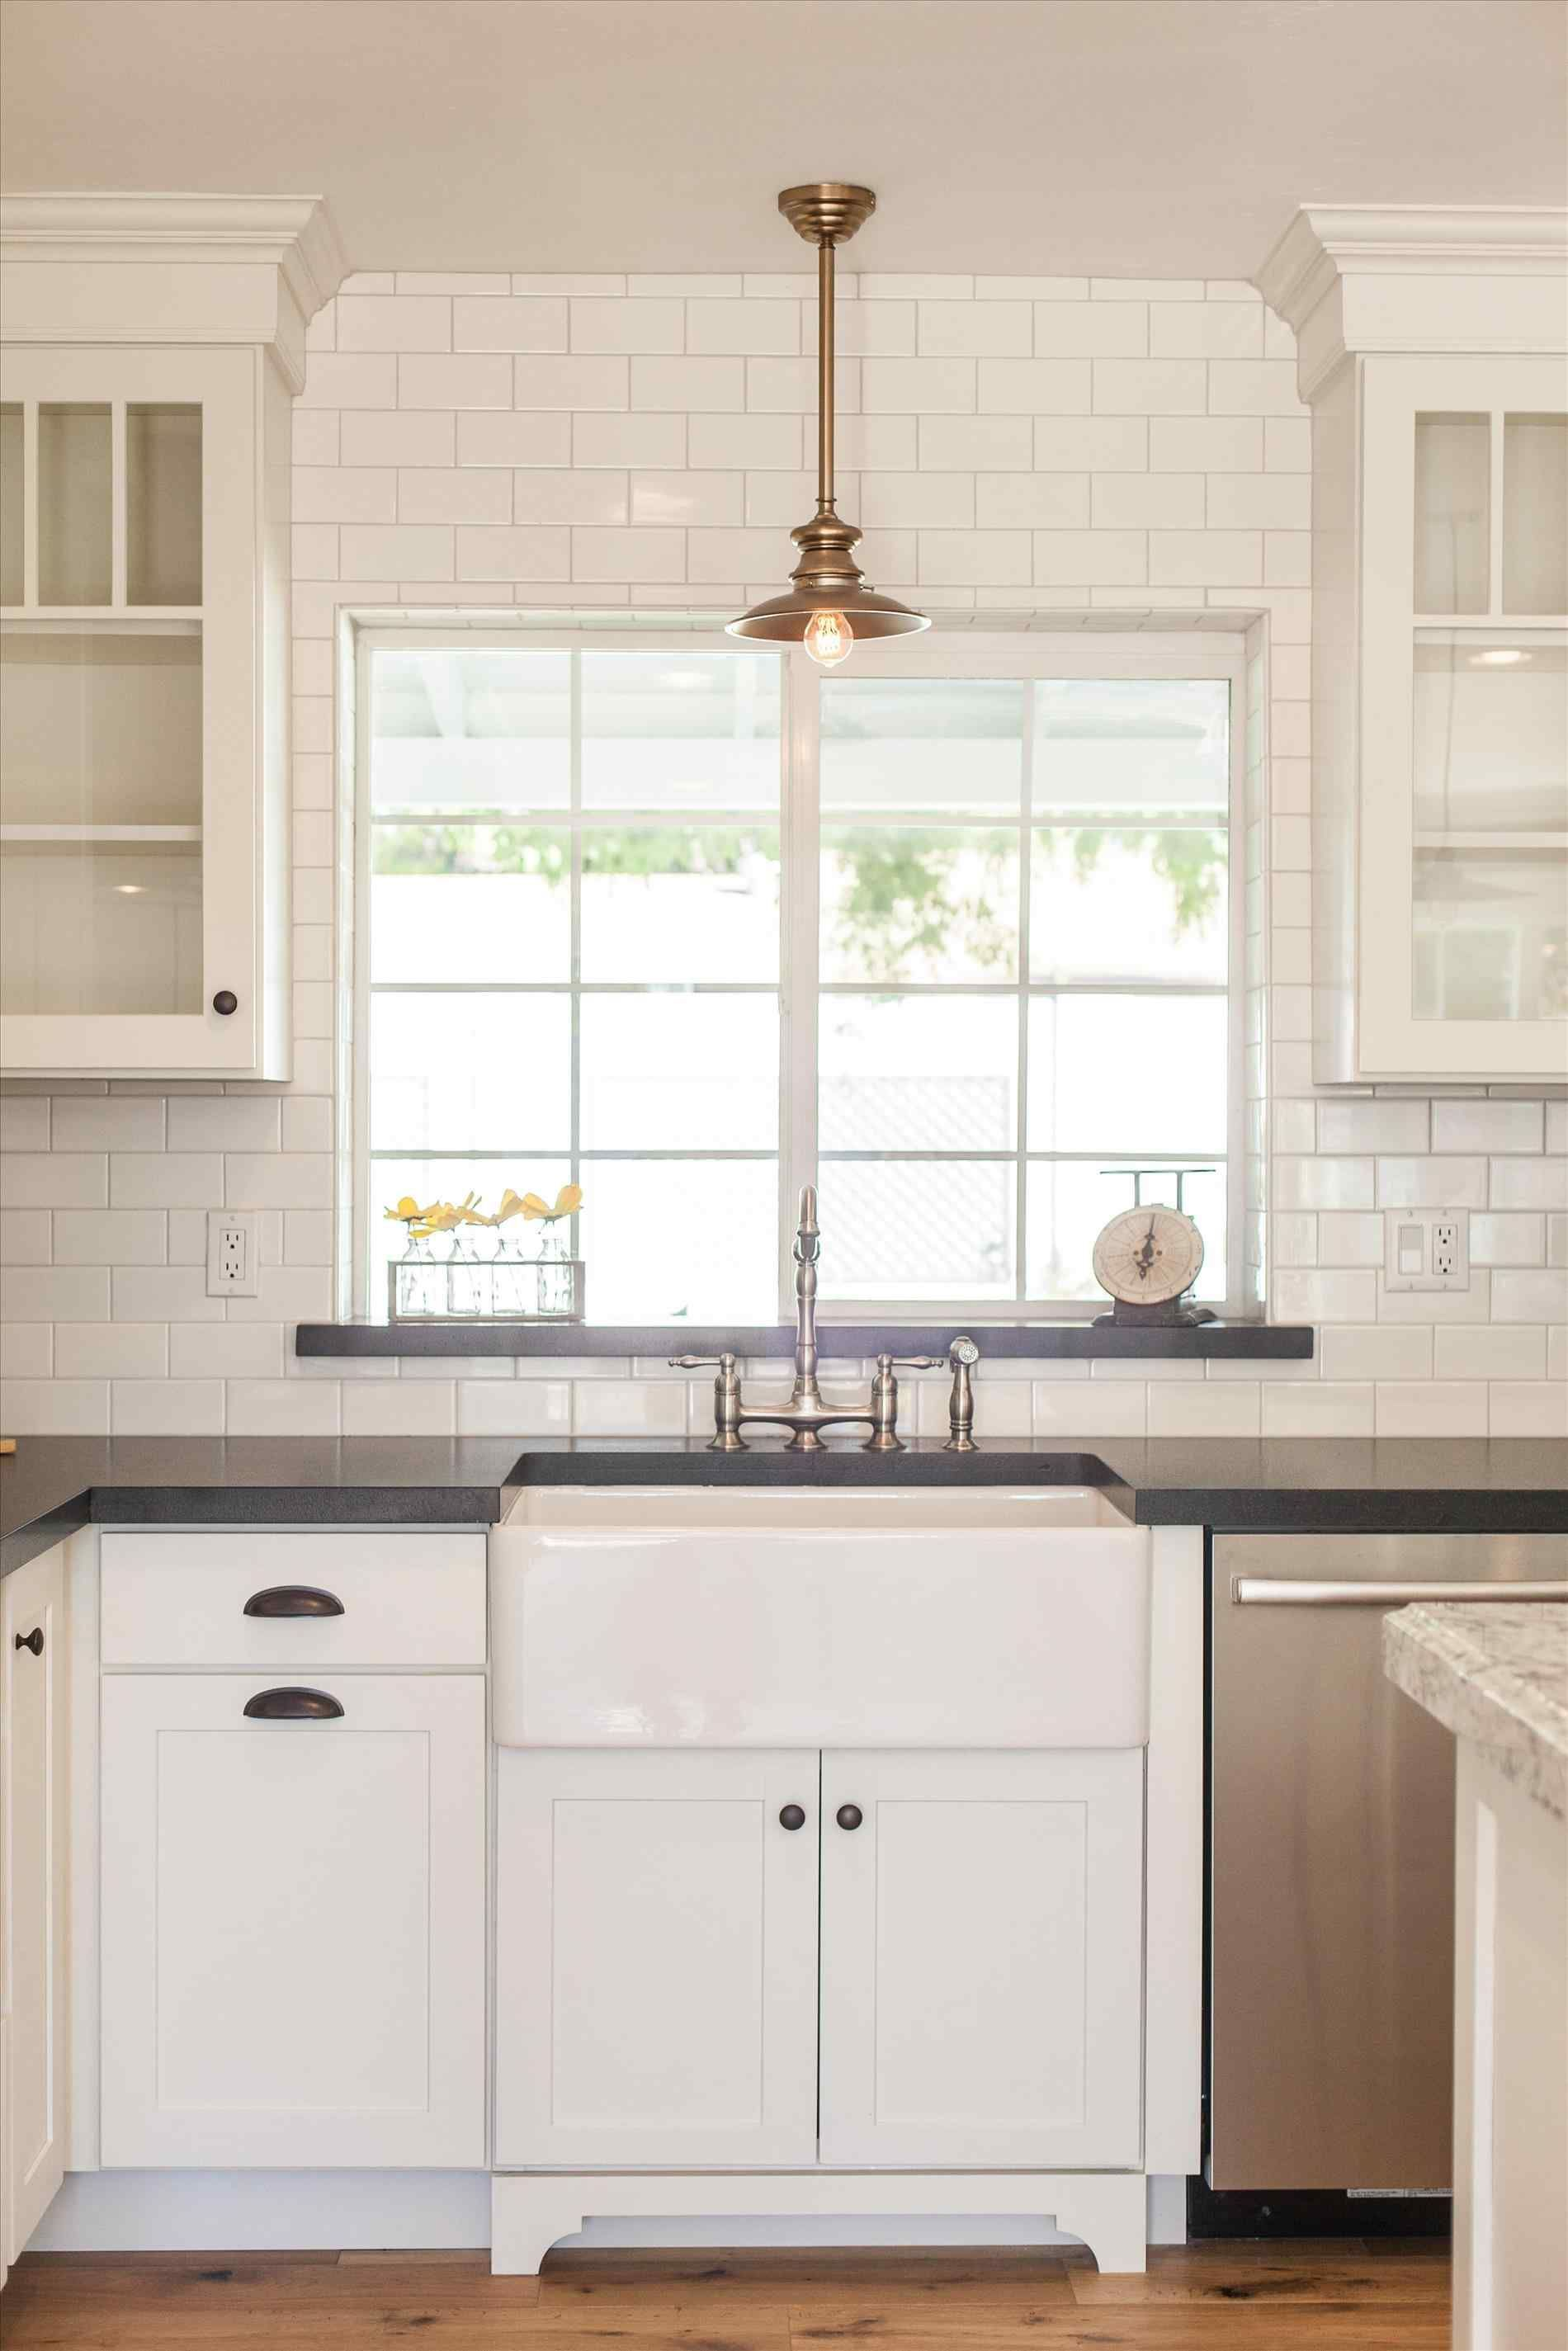 Tile around window in kitchen Rustic kitchen sinks